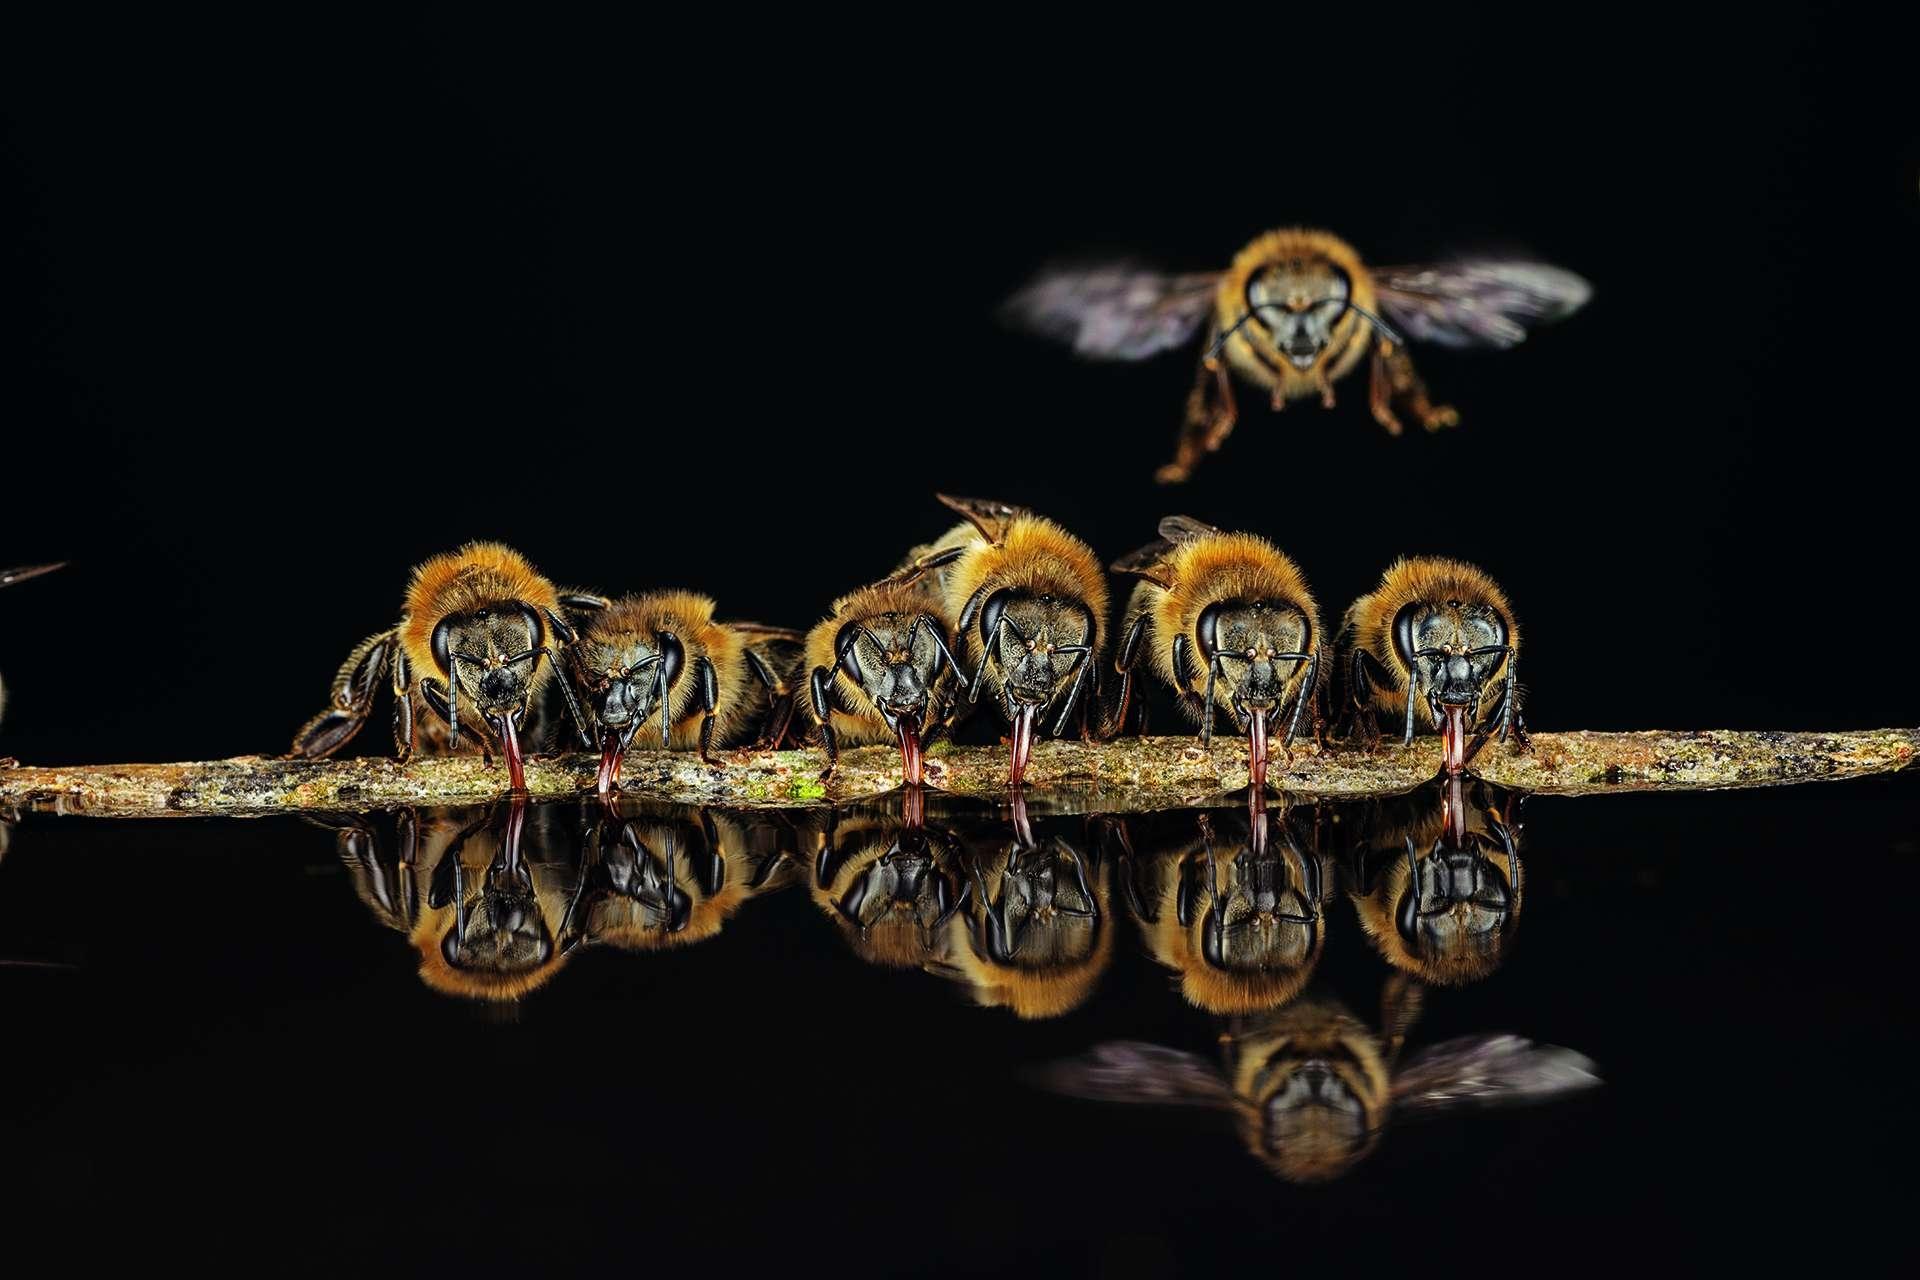 德國蘭根鎮的西方蜜蜂會用管狀的舌頭吸水帶回蜂巢,並用這些水控制蜂巢的溫度。攝影: 英戈. 阿恩特 INGO ARNDT